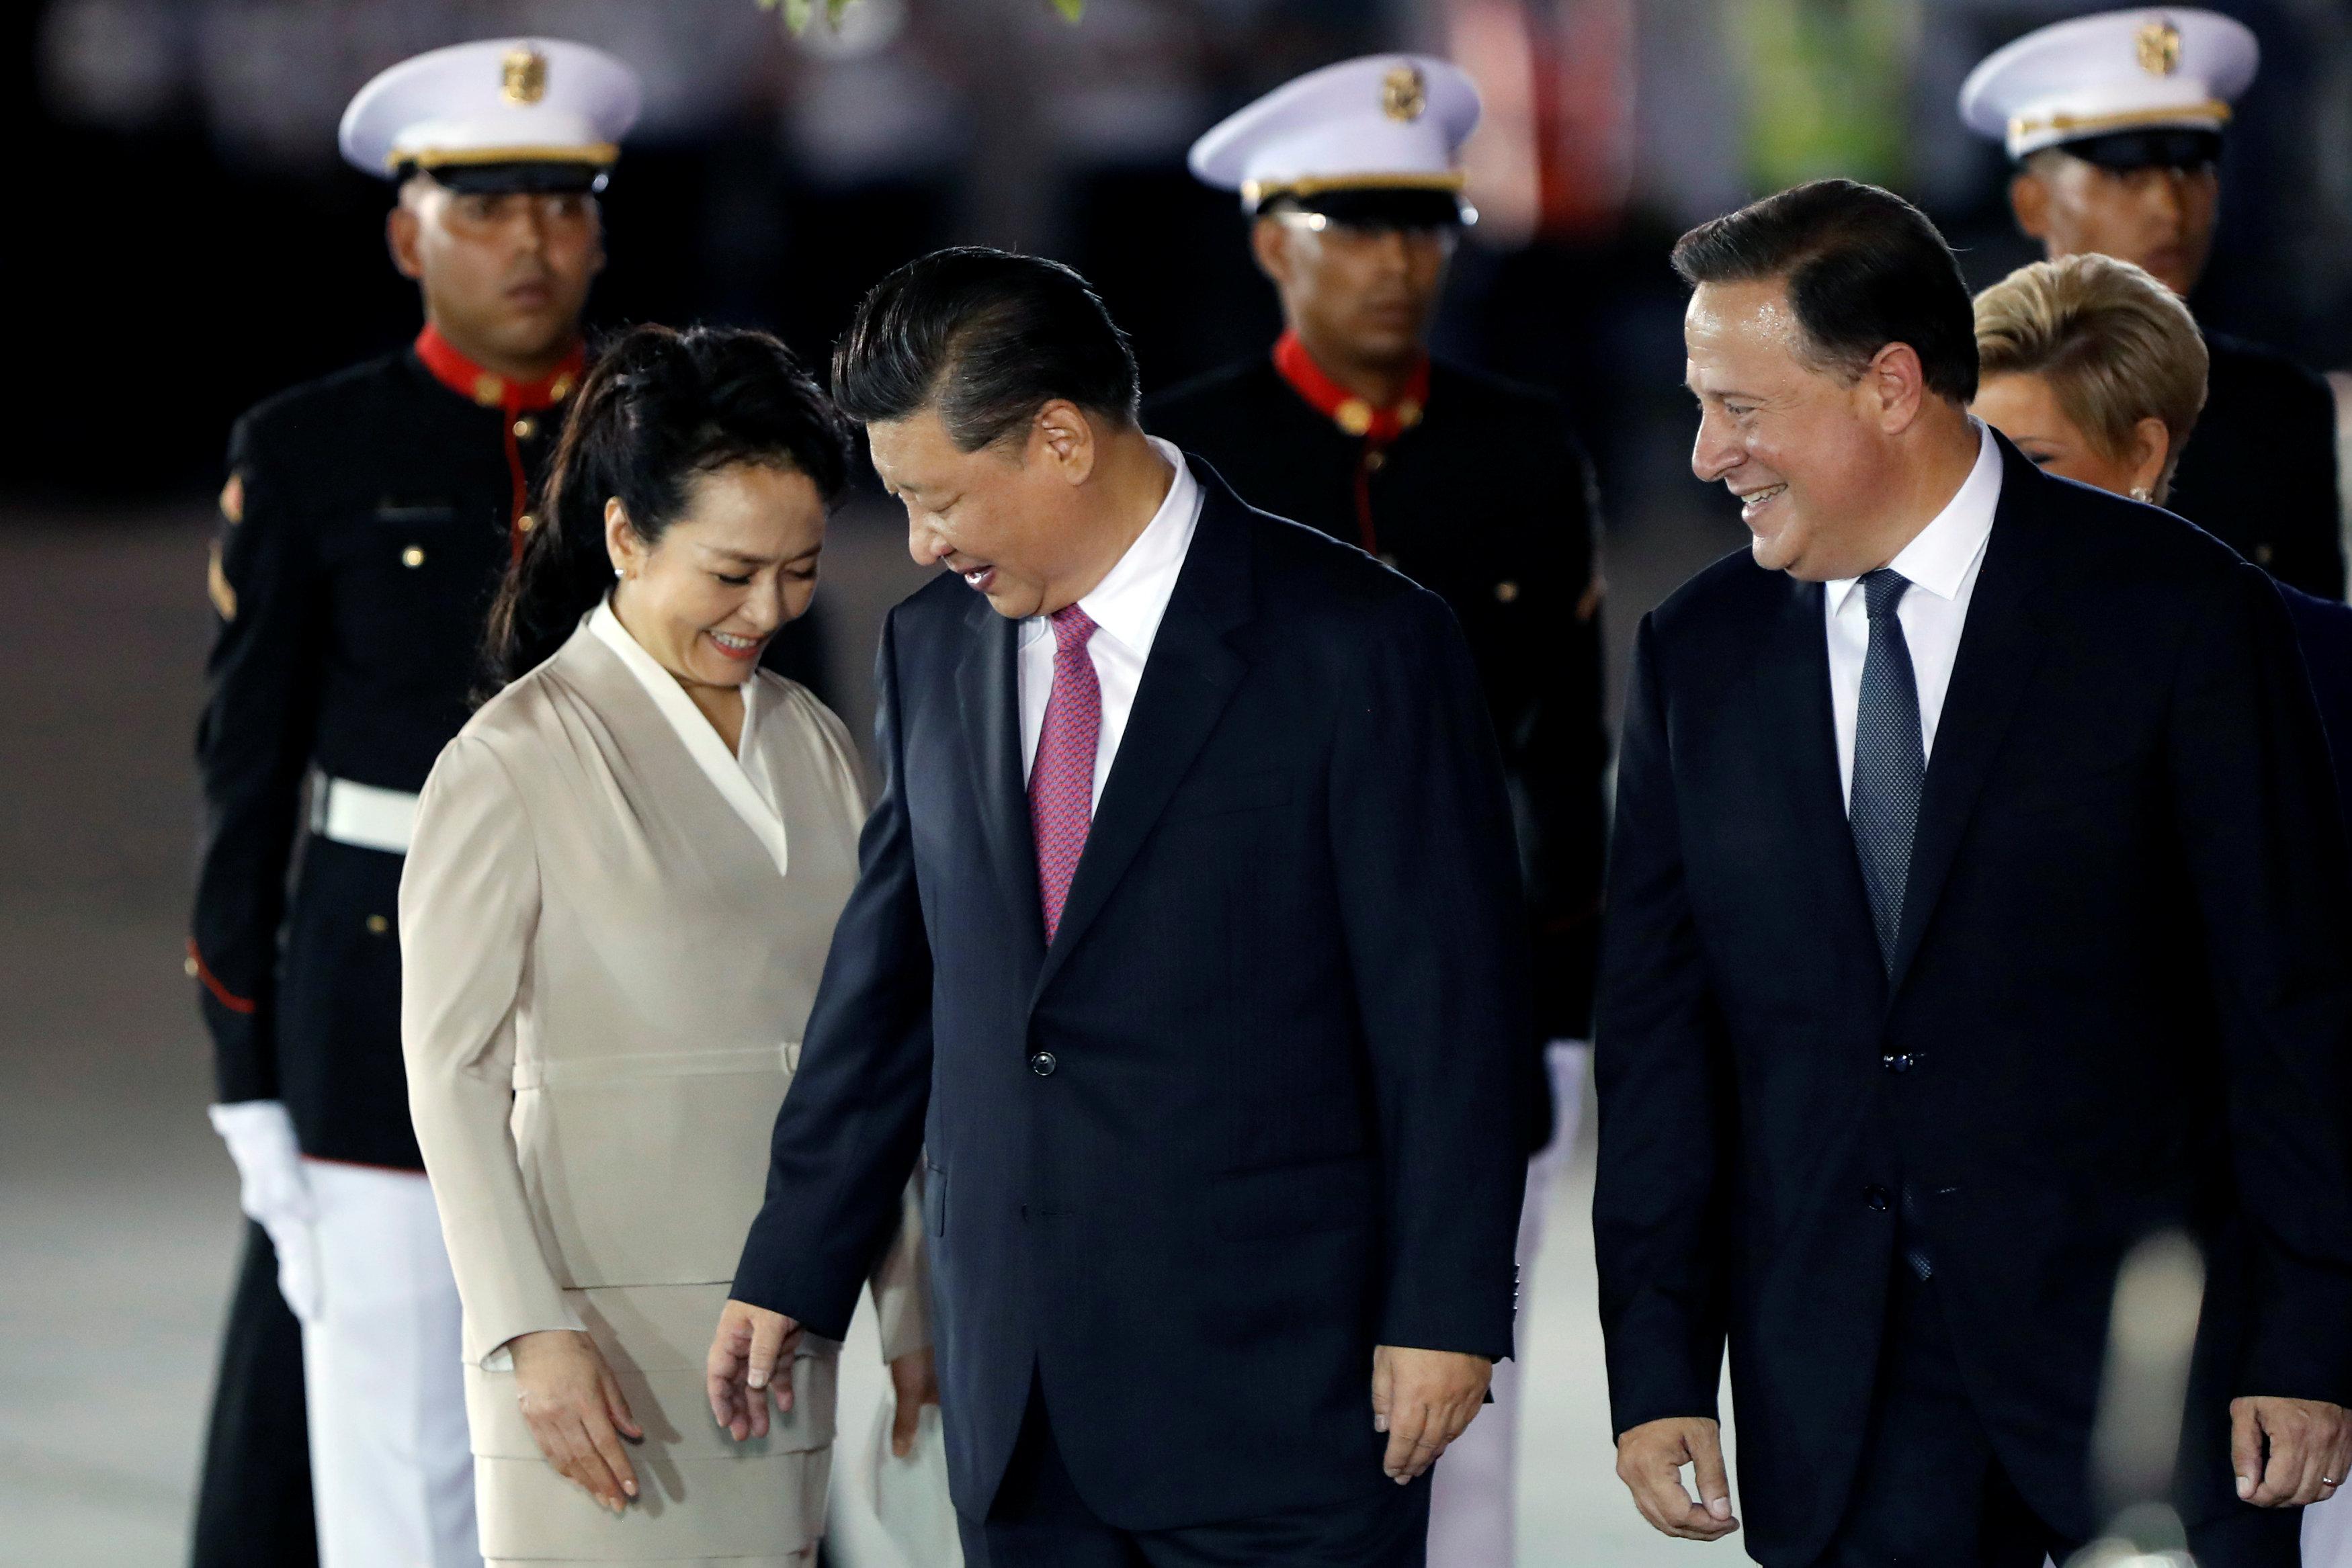 وصول الرئيس الصينى لبنما